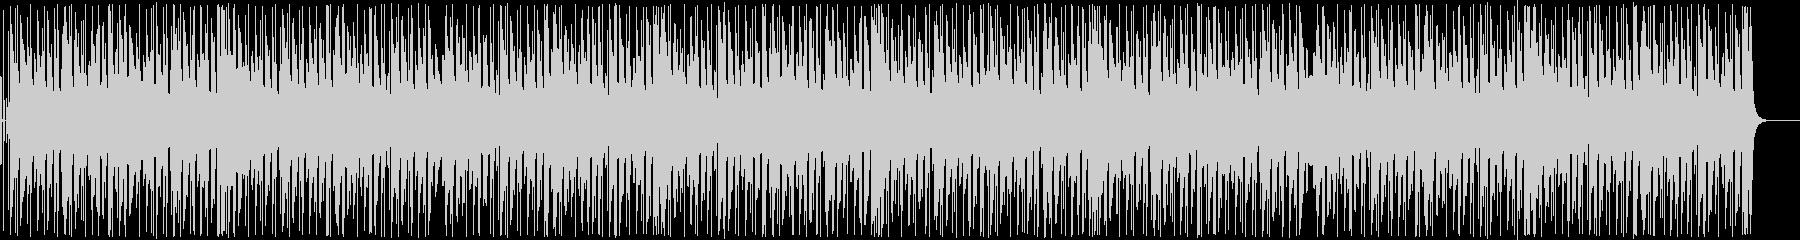 ピアノとギターがメインの軽快なBGMの未再生の波形